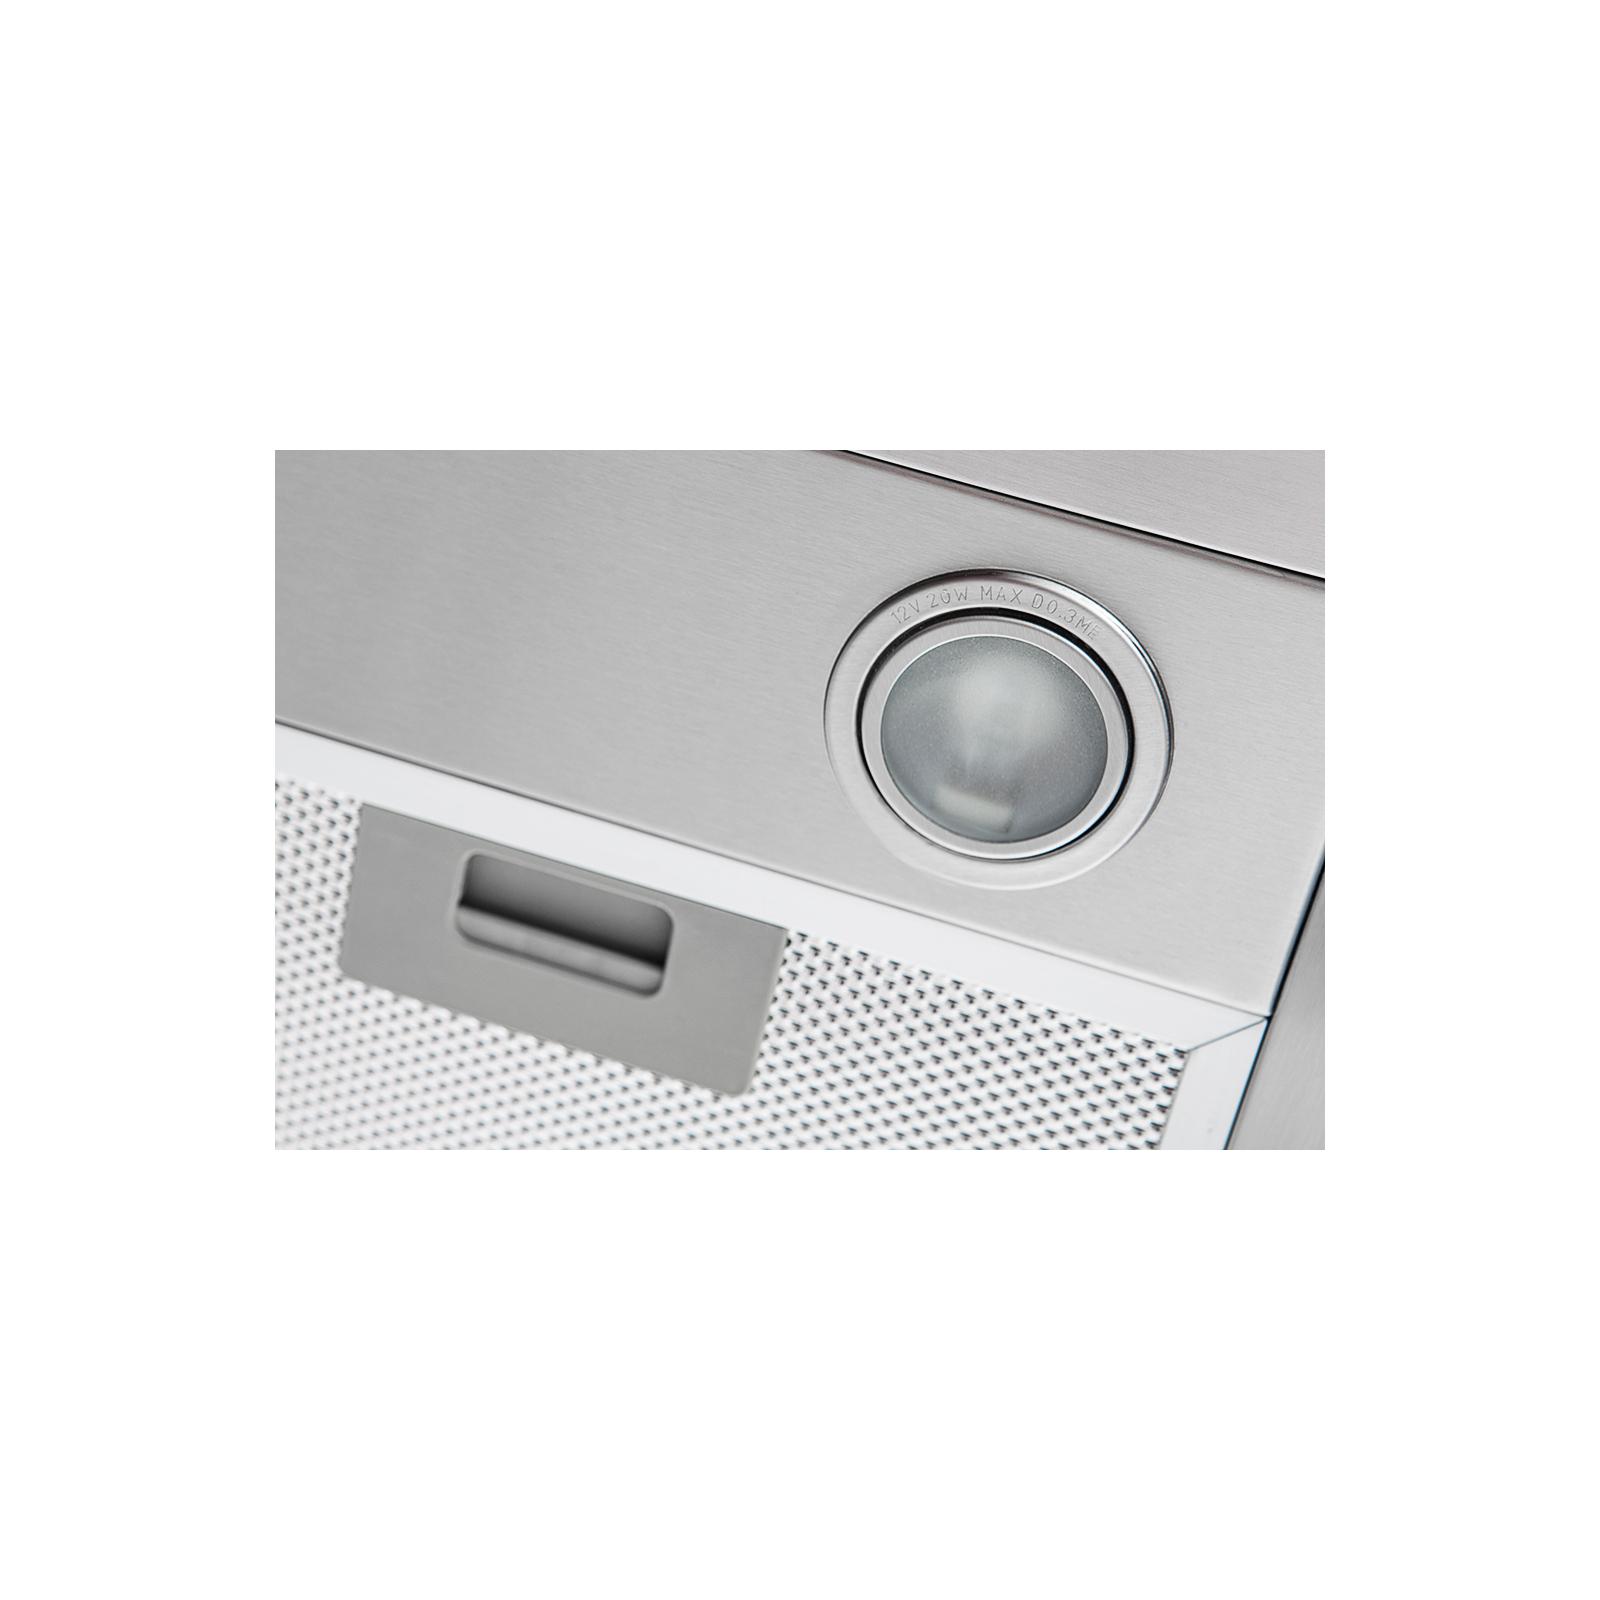 Вытяжка кухонная Interline COLLIDER X/V/W 60 E.S. изображение 5